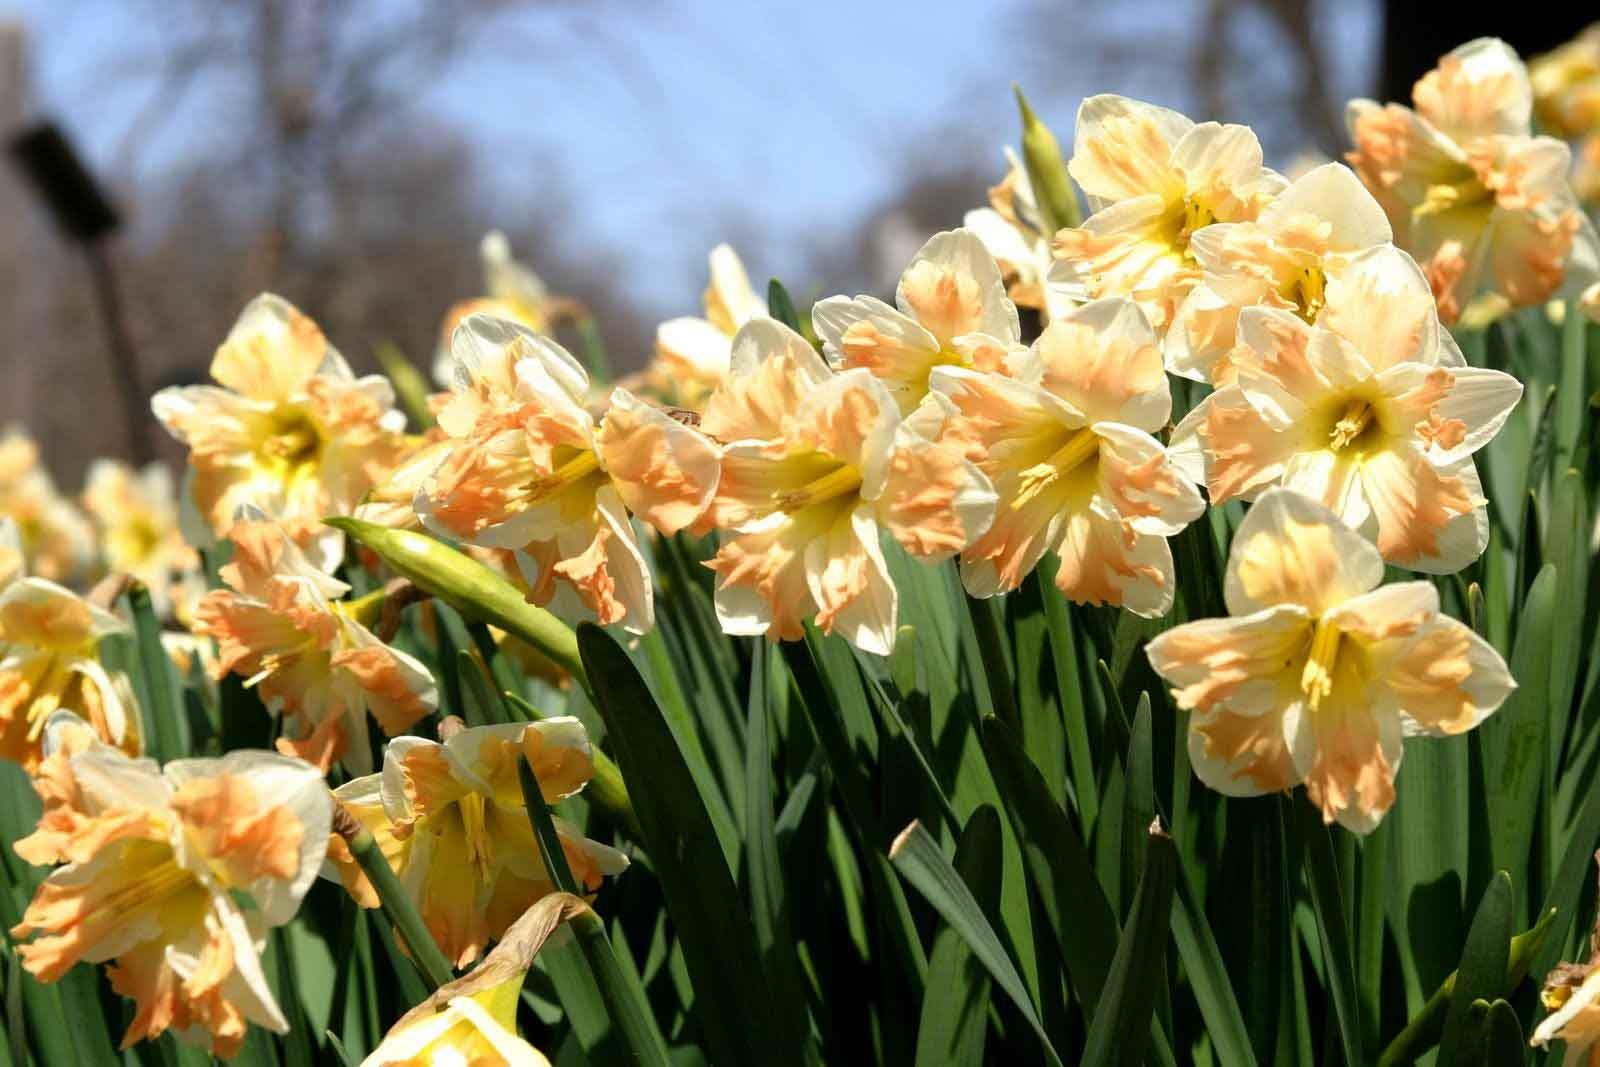 Цветы могут быть одиночными или располагаться сразу по нескольку штук